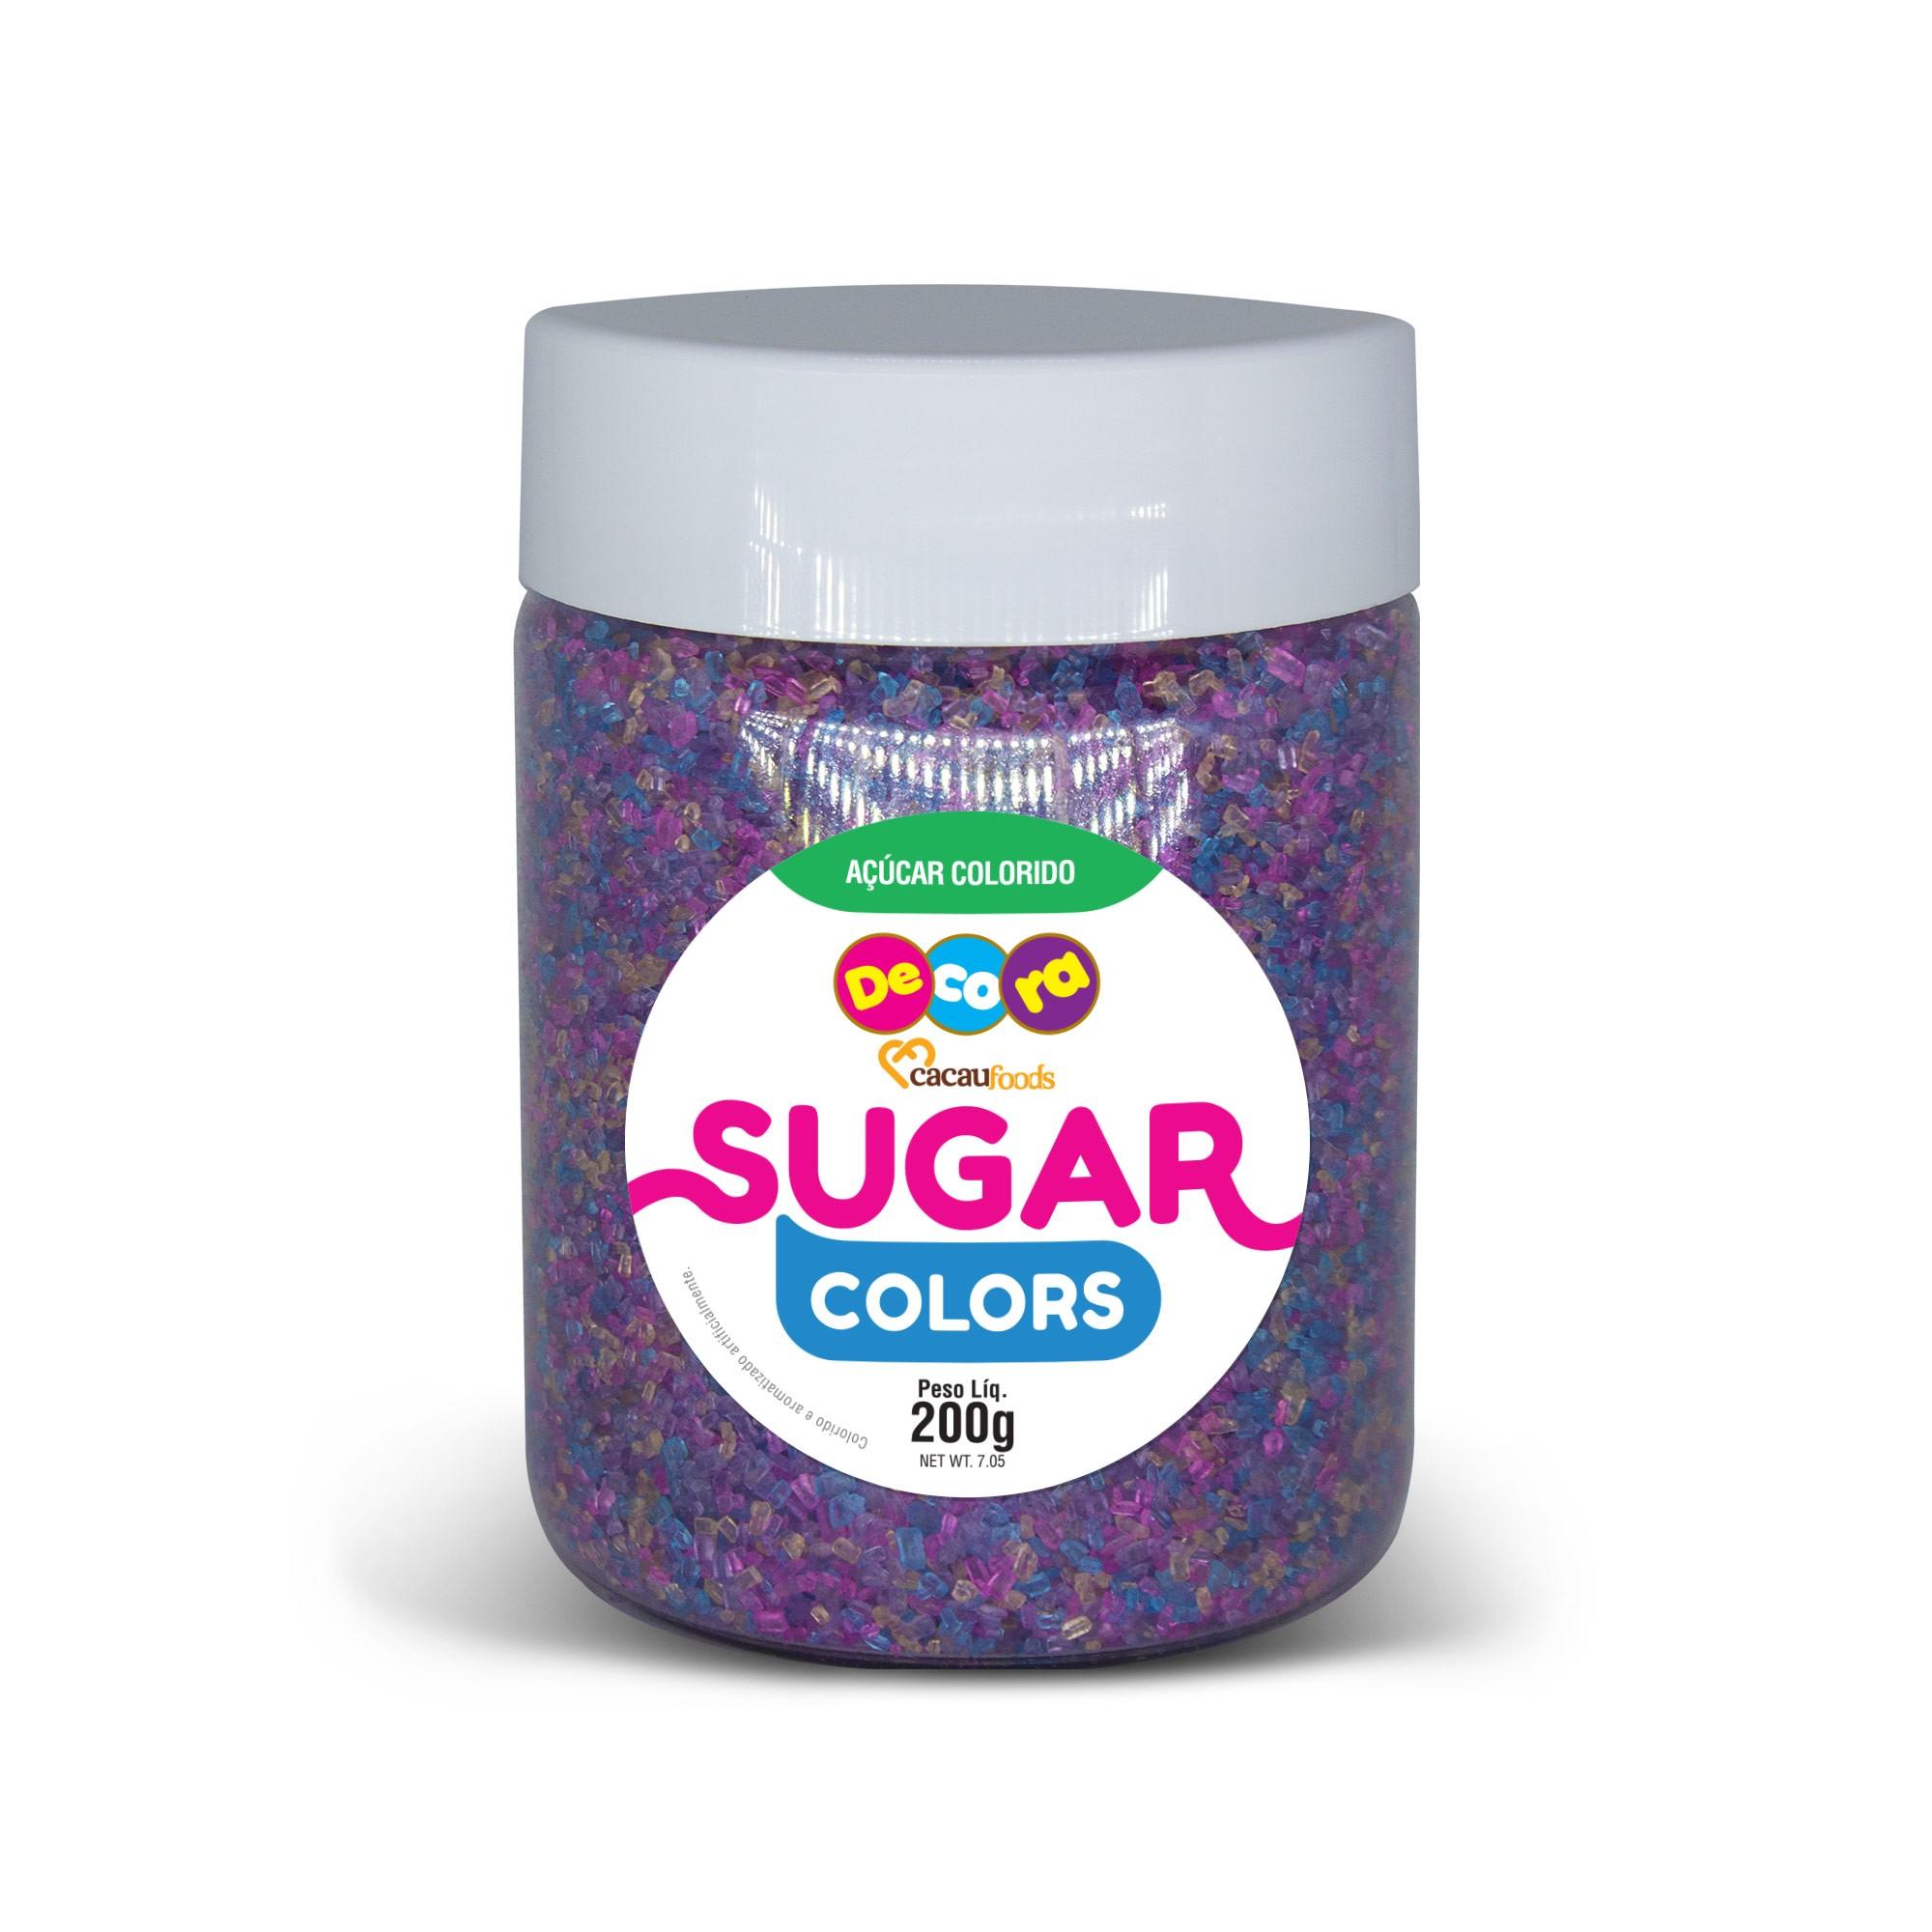 Açúcar Colorido Sugar Colors Lilás 200g